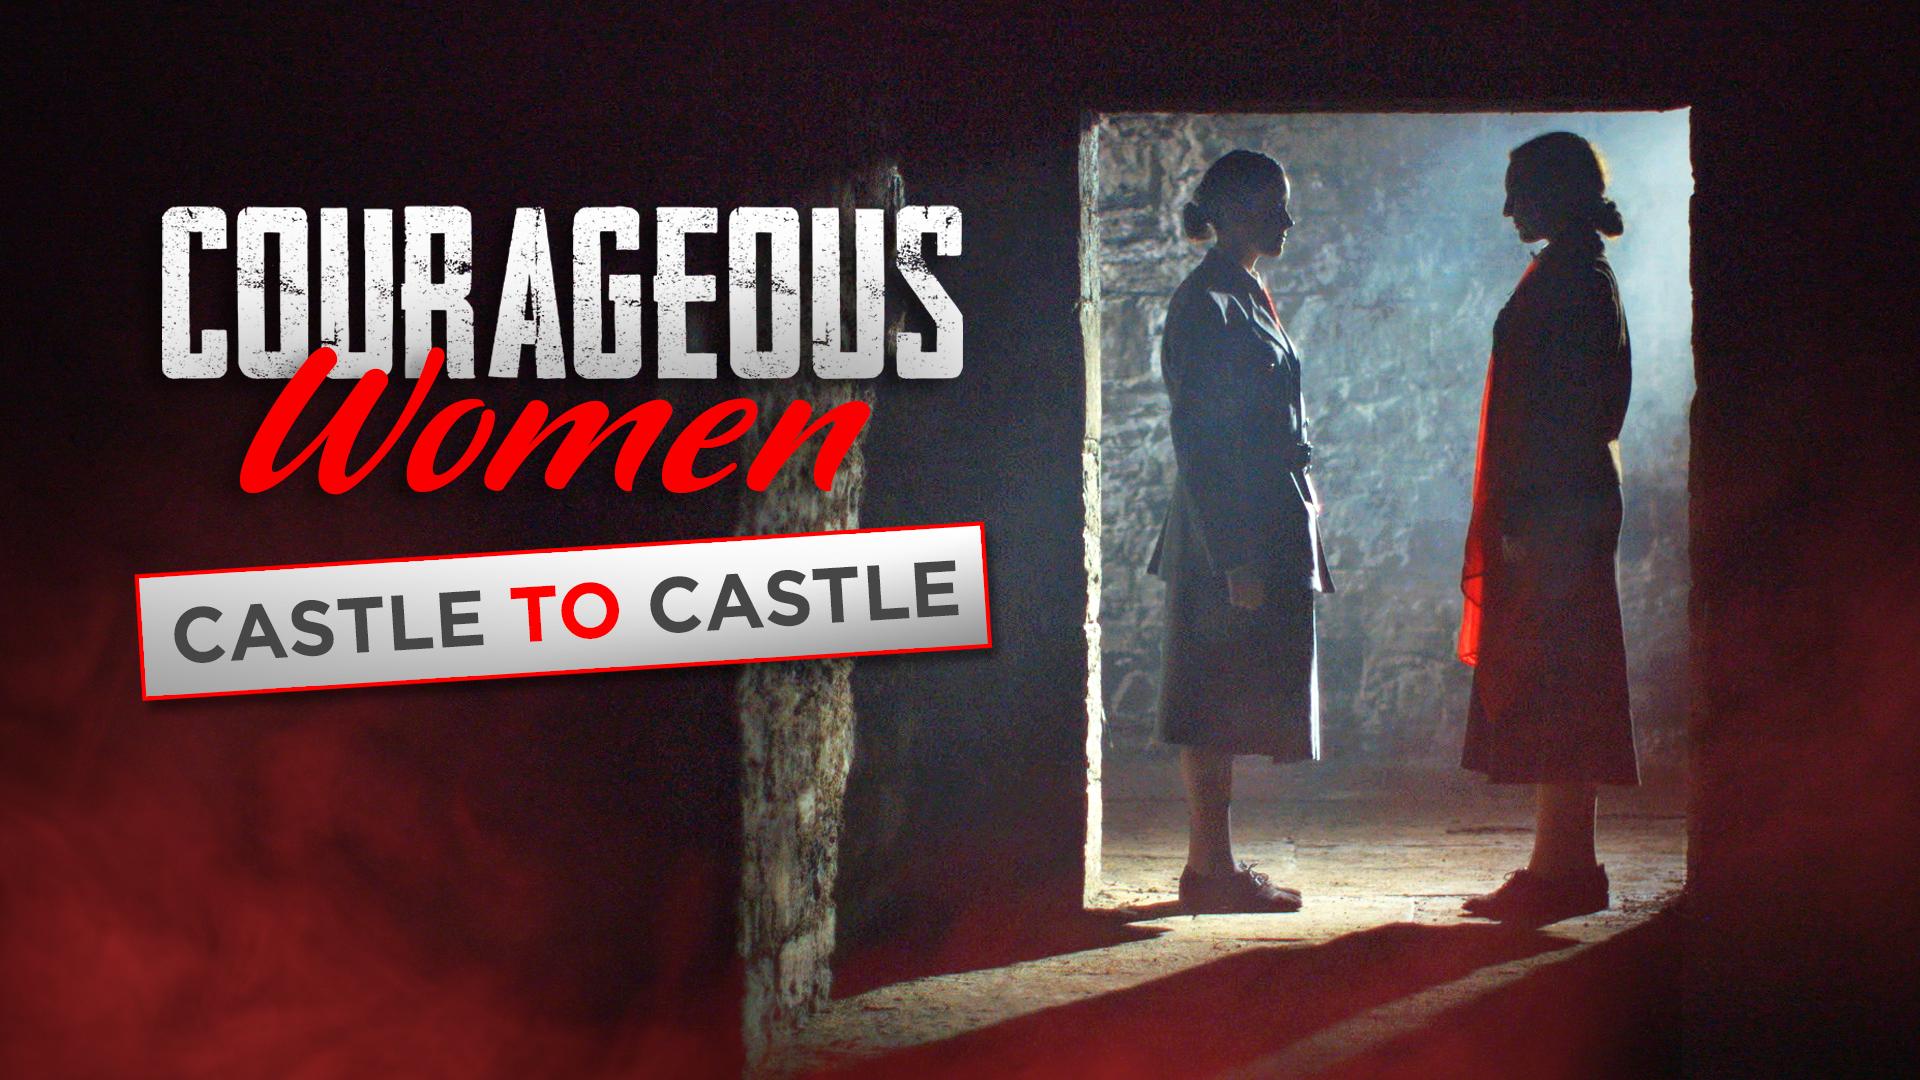 Courageous Women Castle to Castle